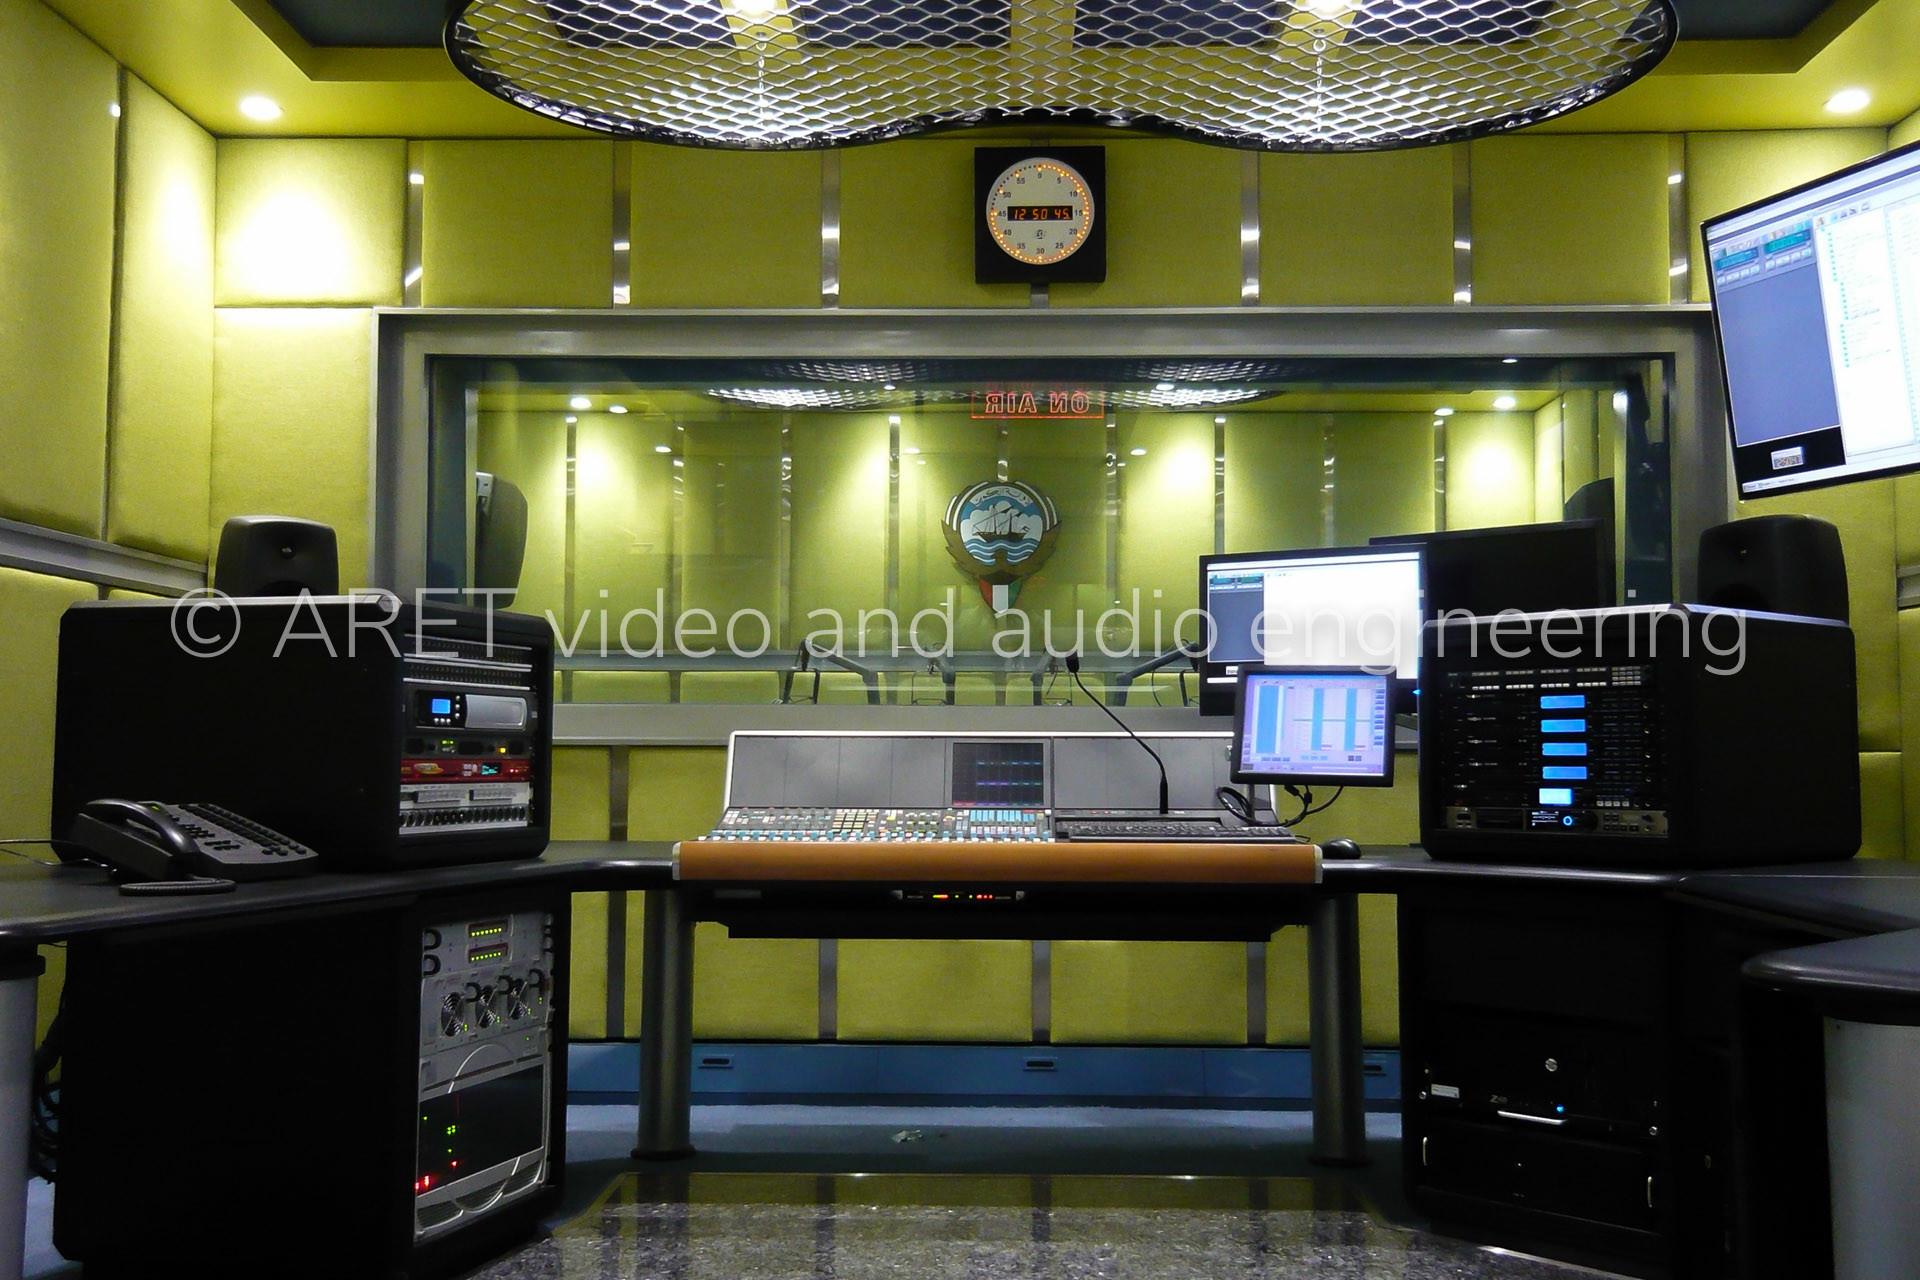 Studios - ARET